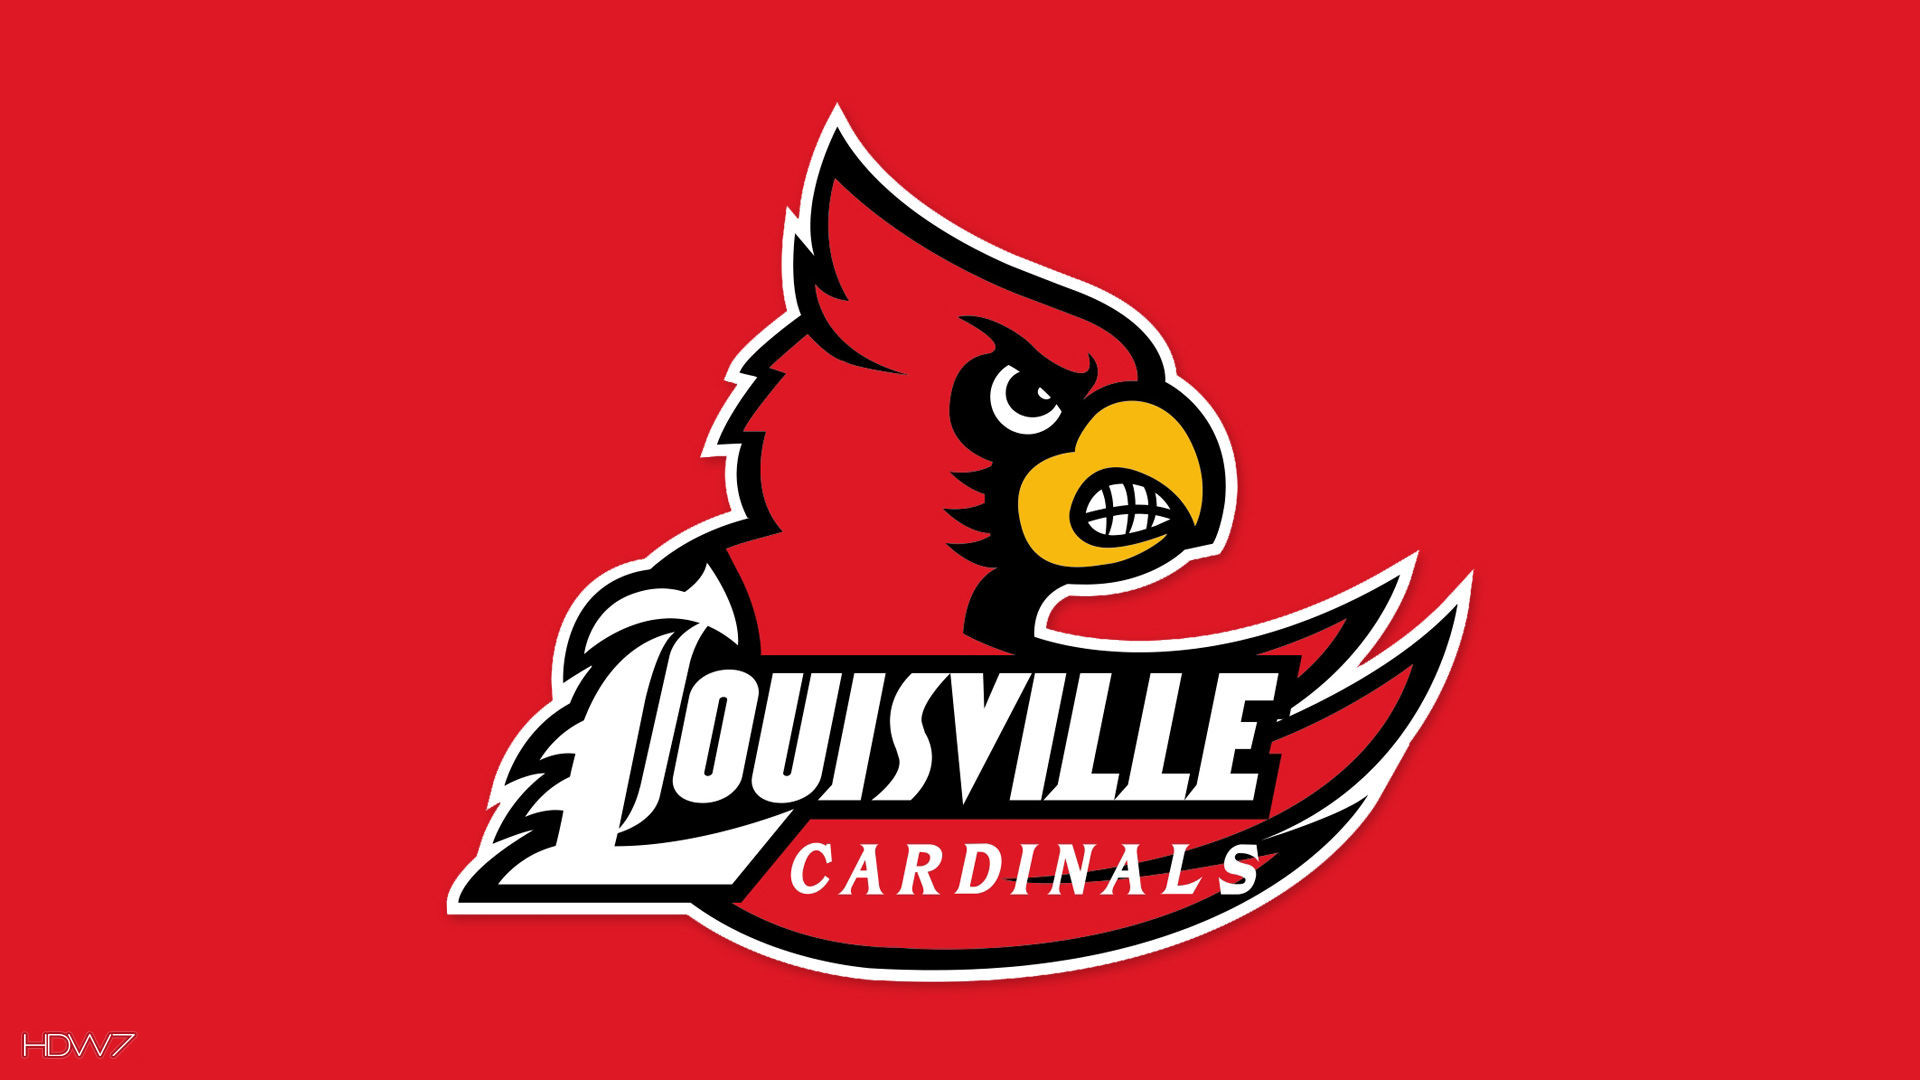 Res: 1920x1080, louisville cardinals logo wallpaper